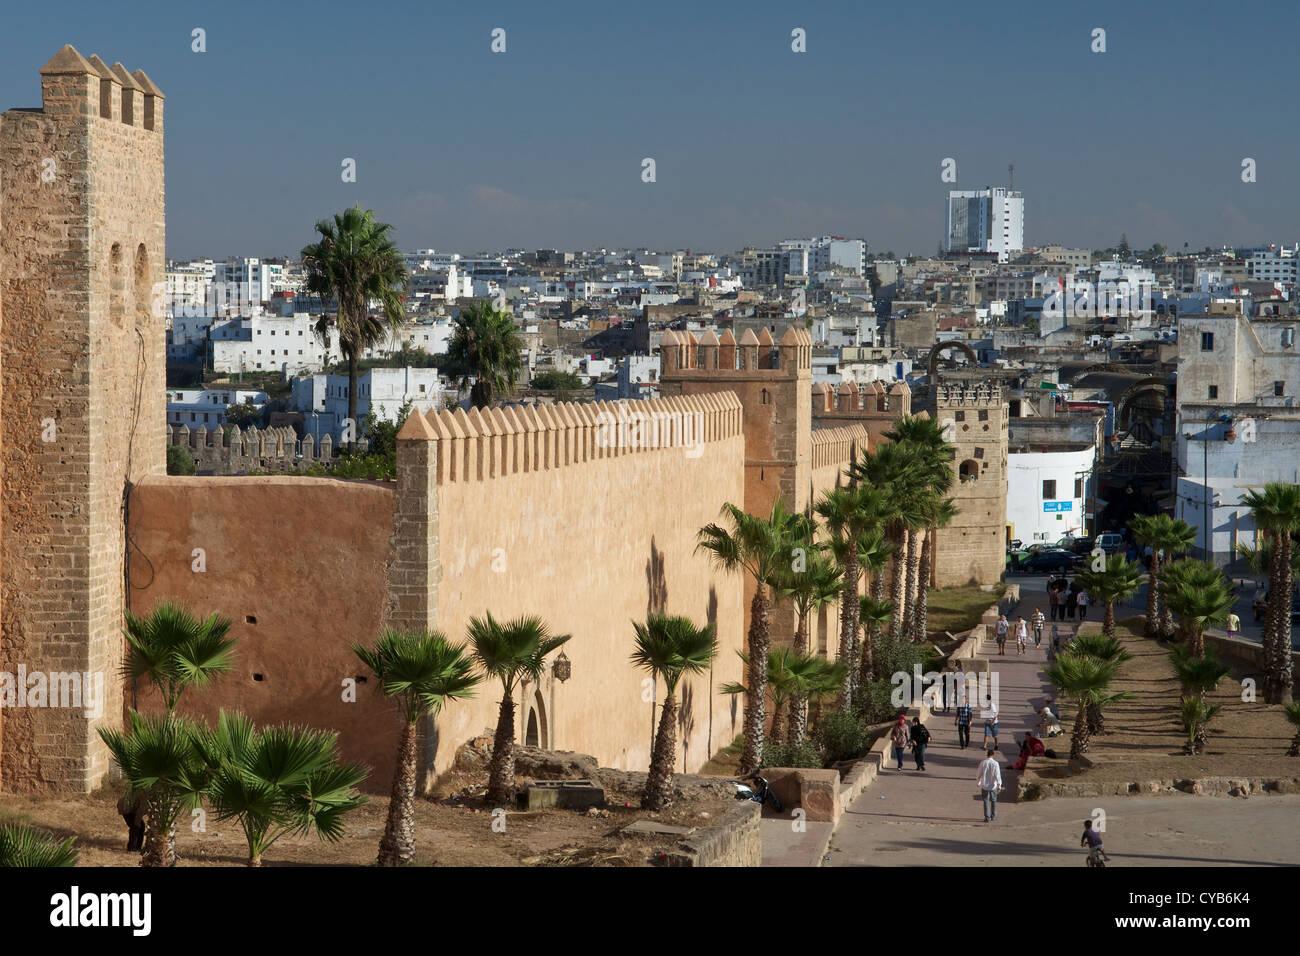 Alten Mauern der Kasbah des Oudaia, Rabat, Marokko Stockbild